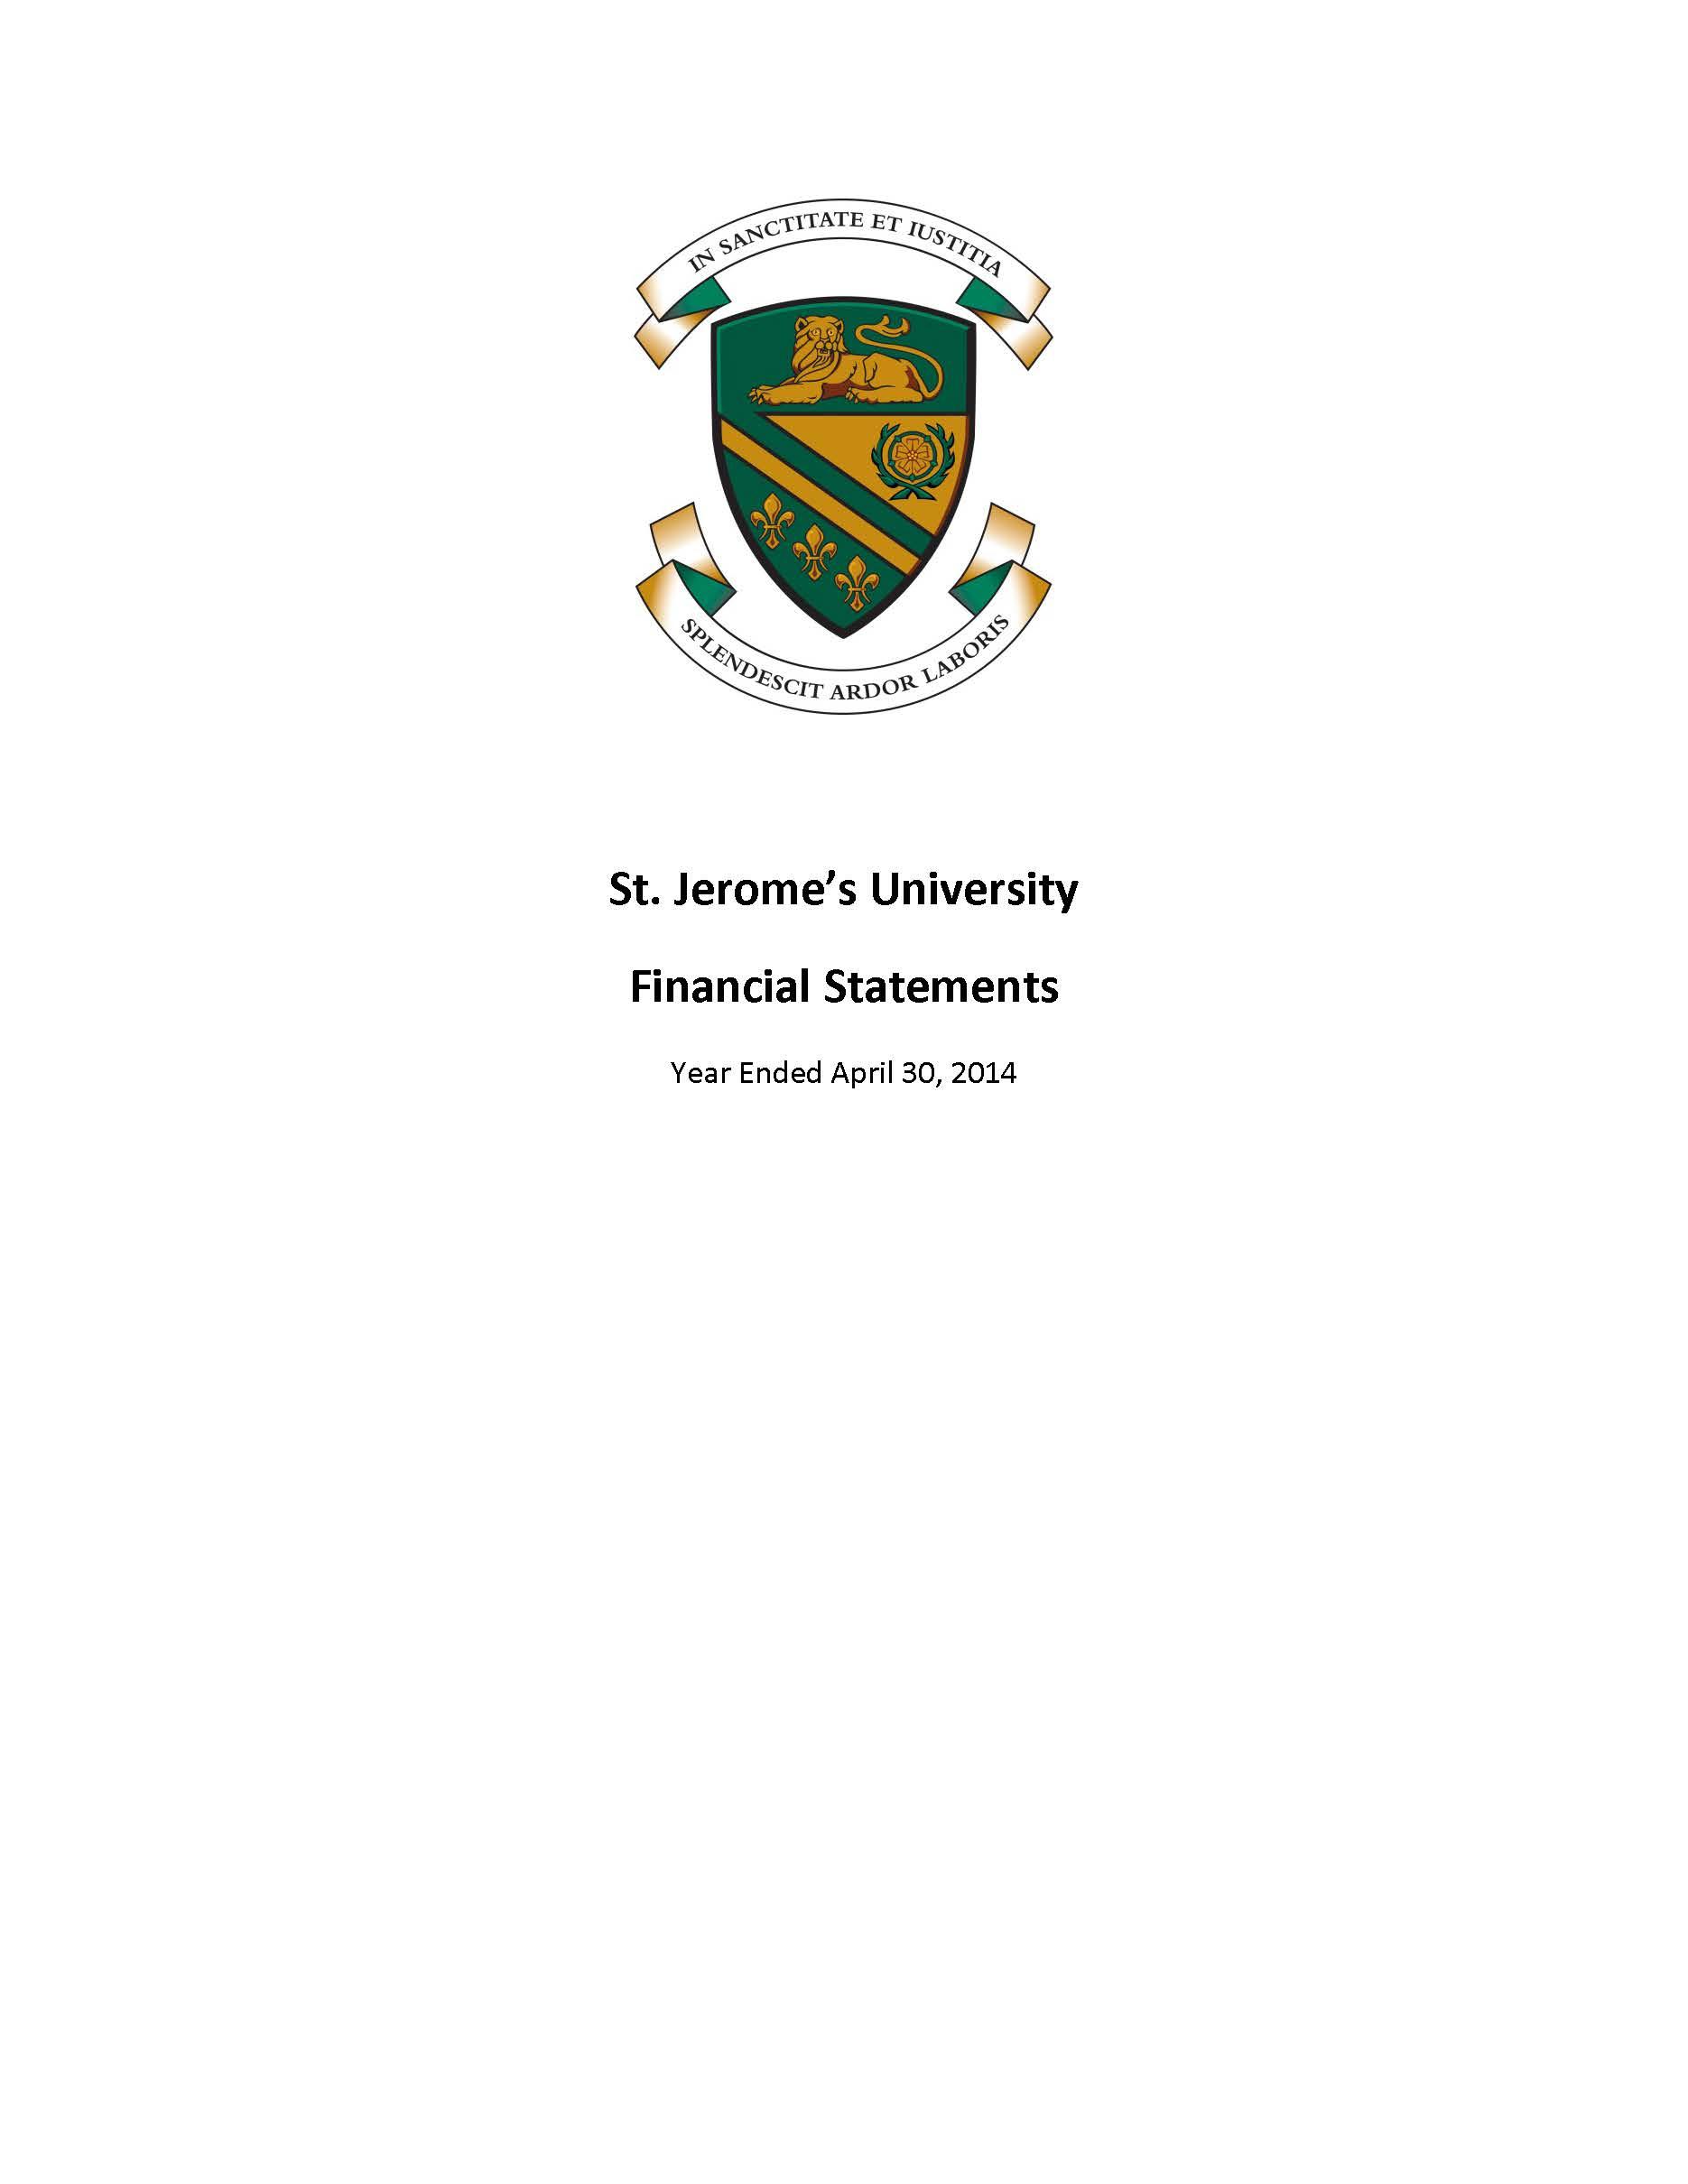 SJU Financial Statements Ending 2014